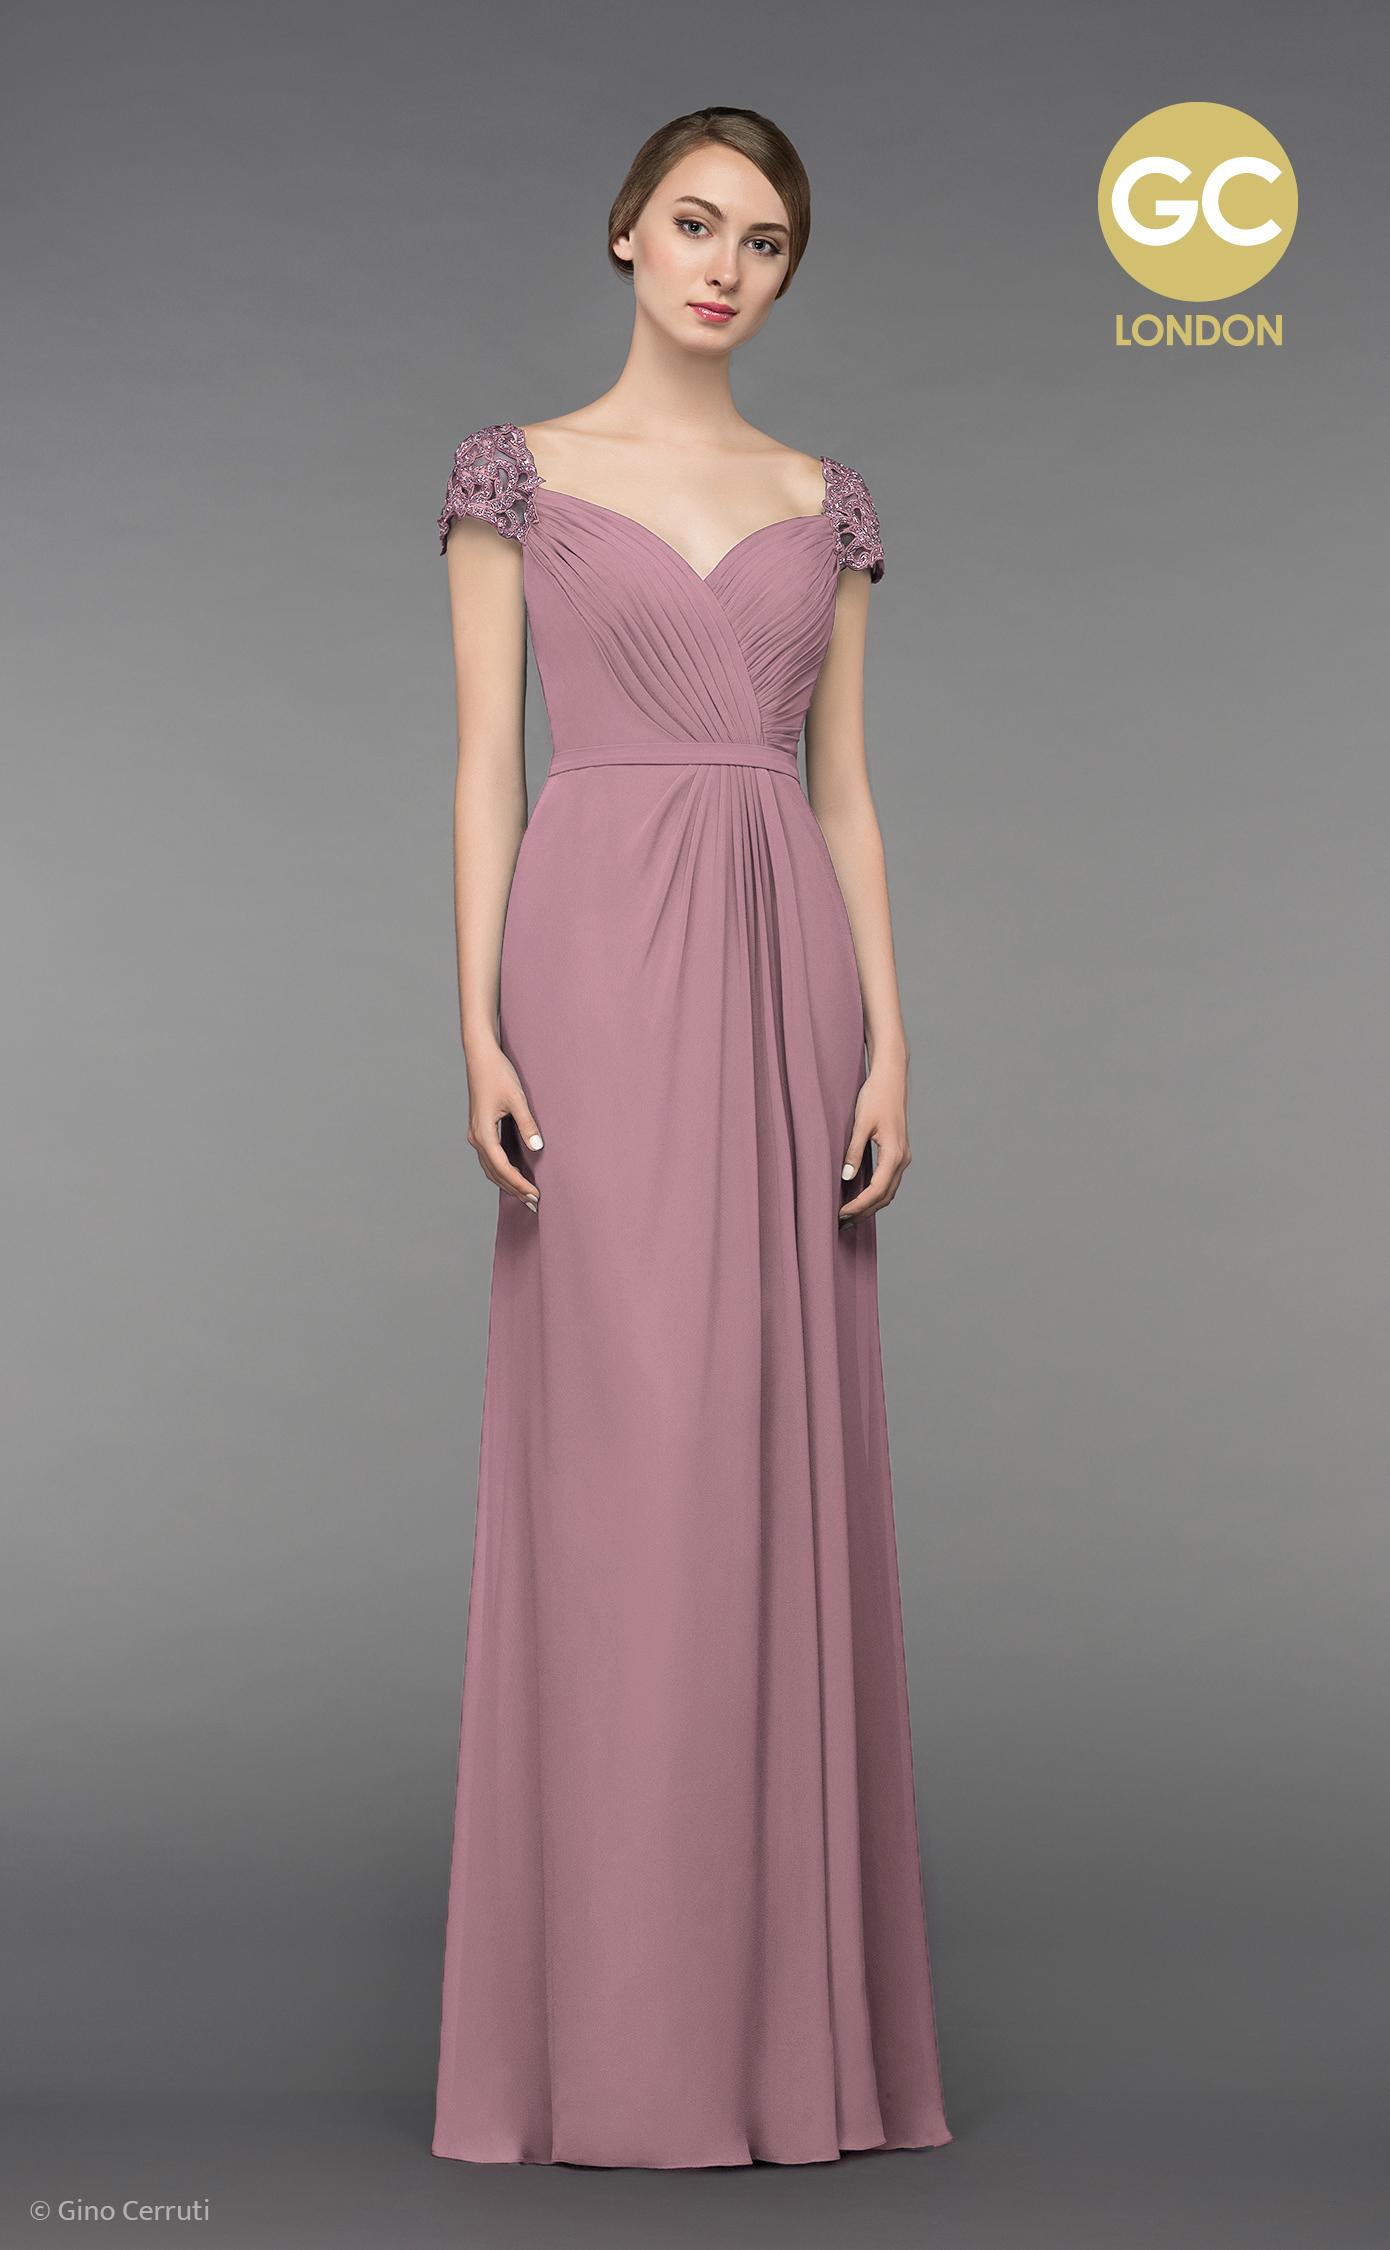 Abendkleid mit Schulterträgern | Samyra Fashion